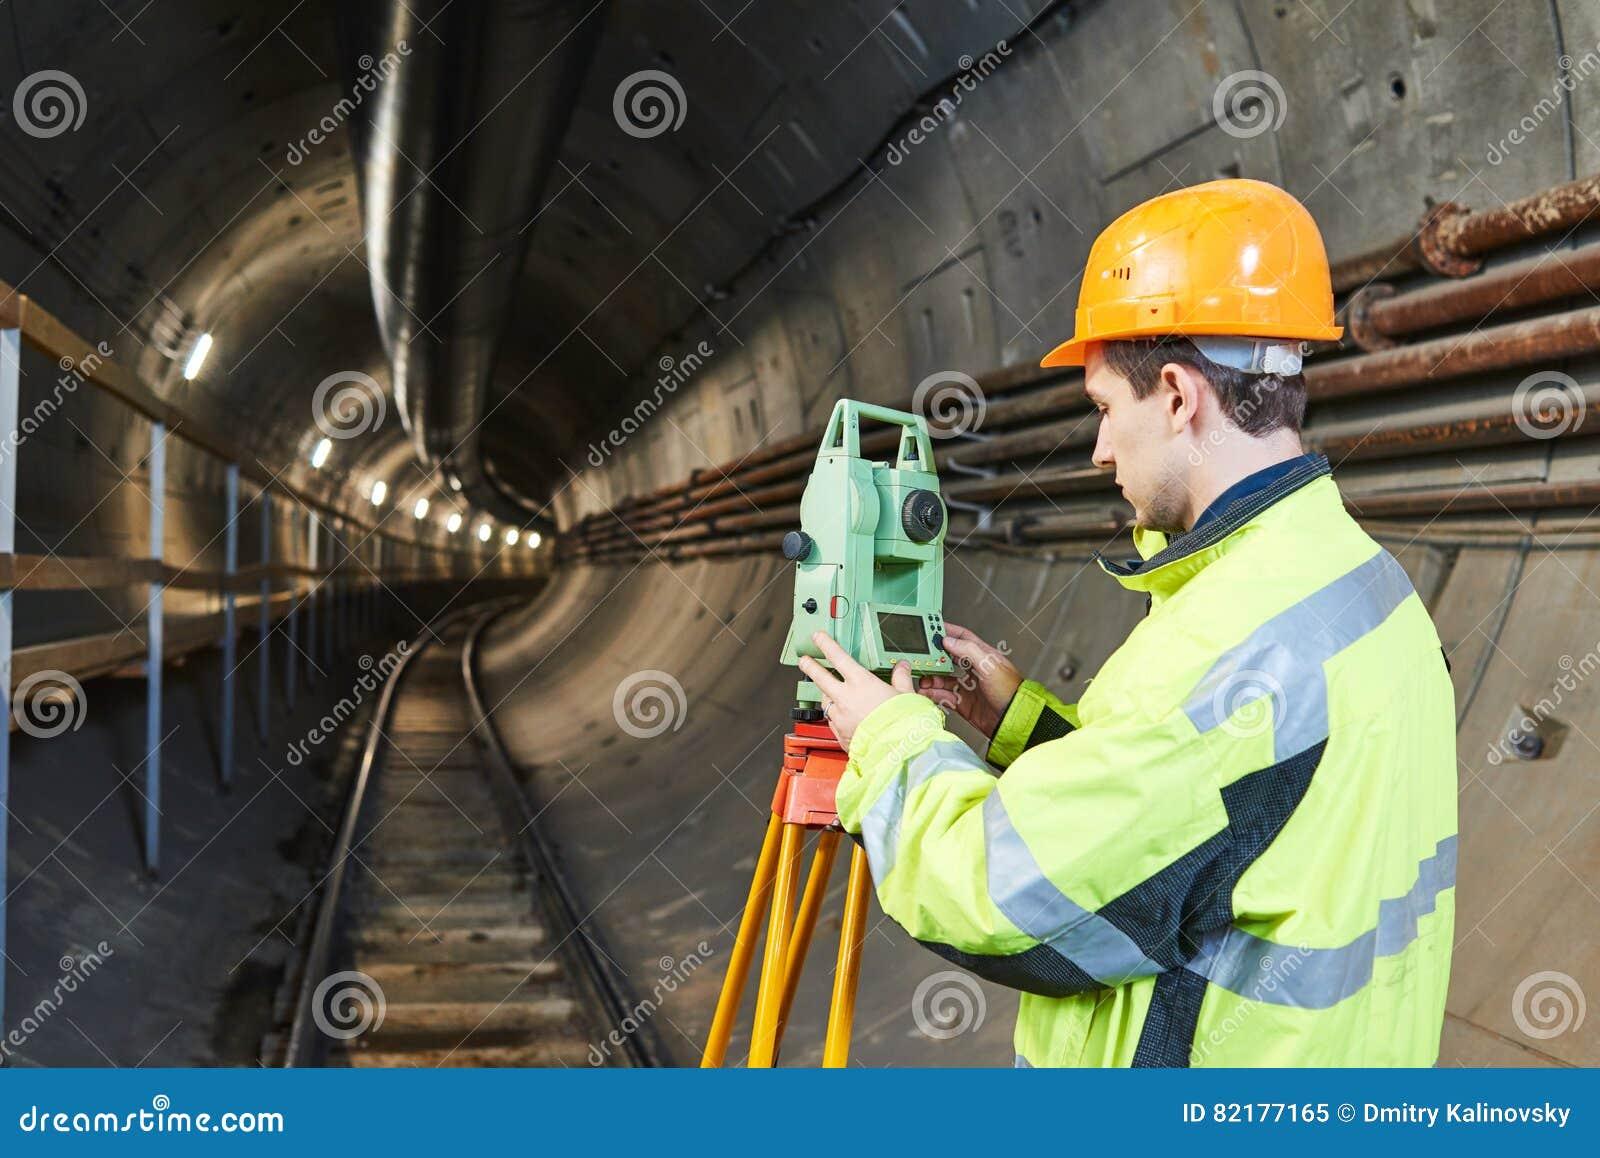 Arpenteur avec le niveau de théodolite aux travaux de construction de tunnel de chemin de fer au fond